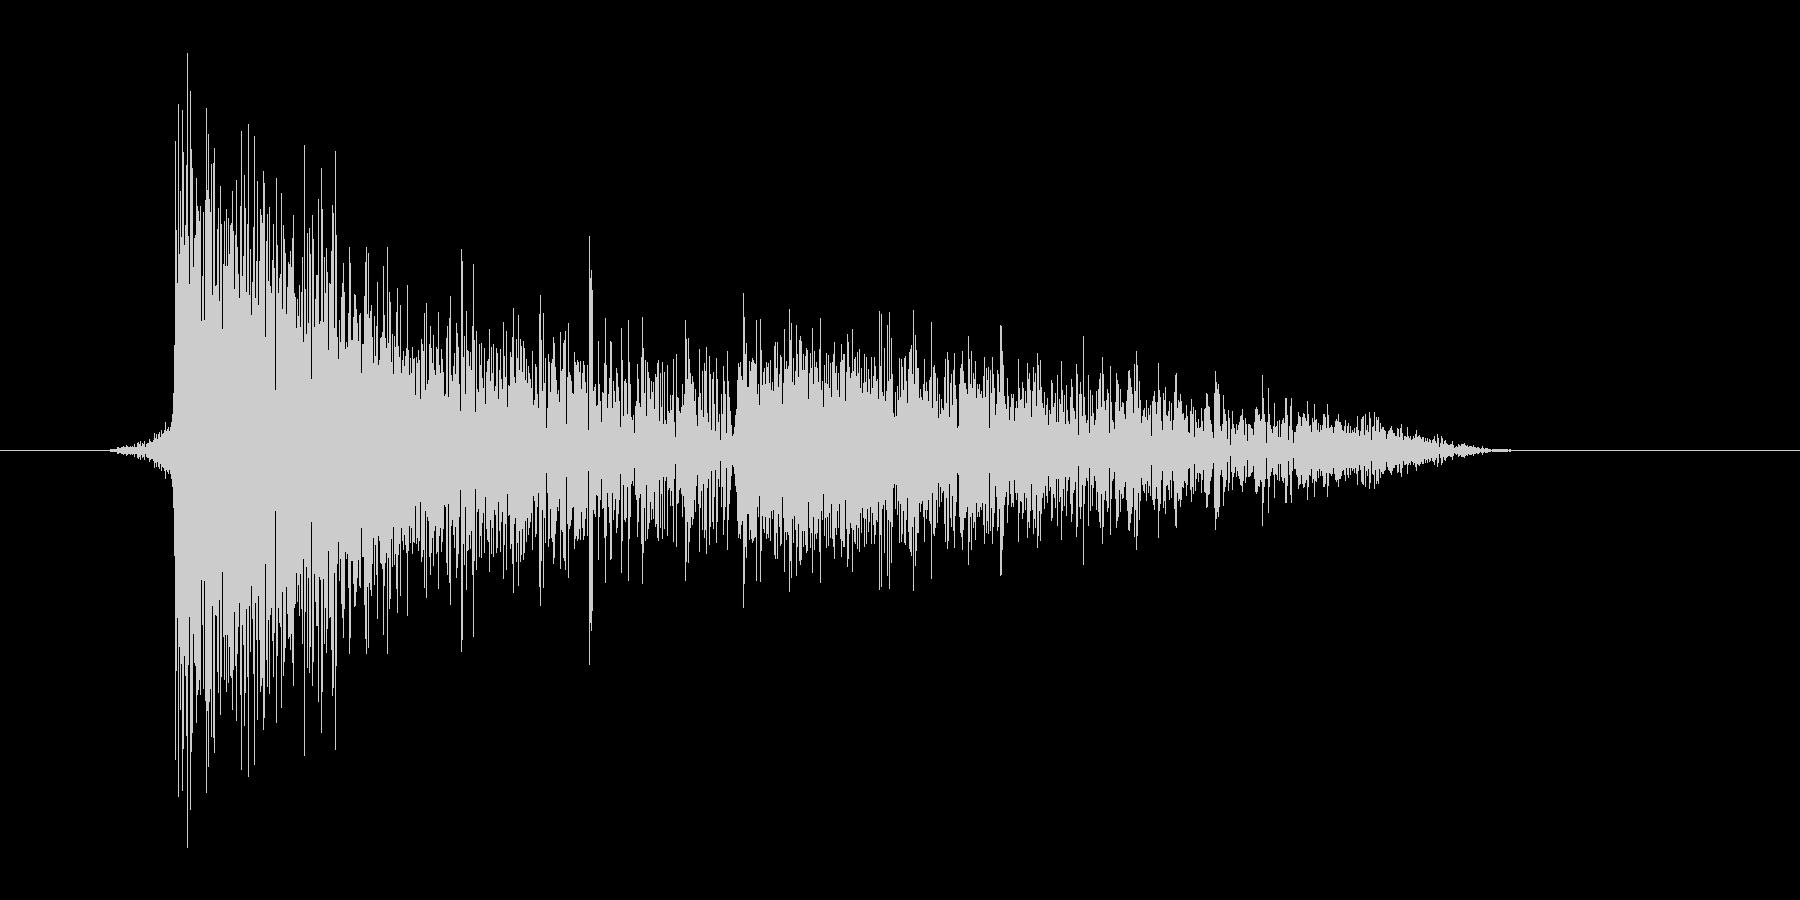 ゲーム(ファミコン風)爆発音_043の未再生の波形